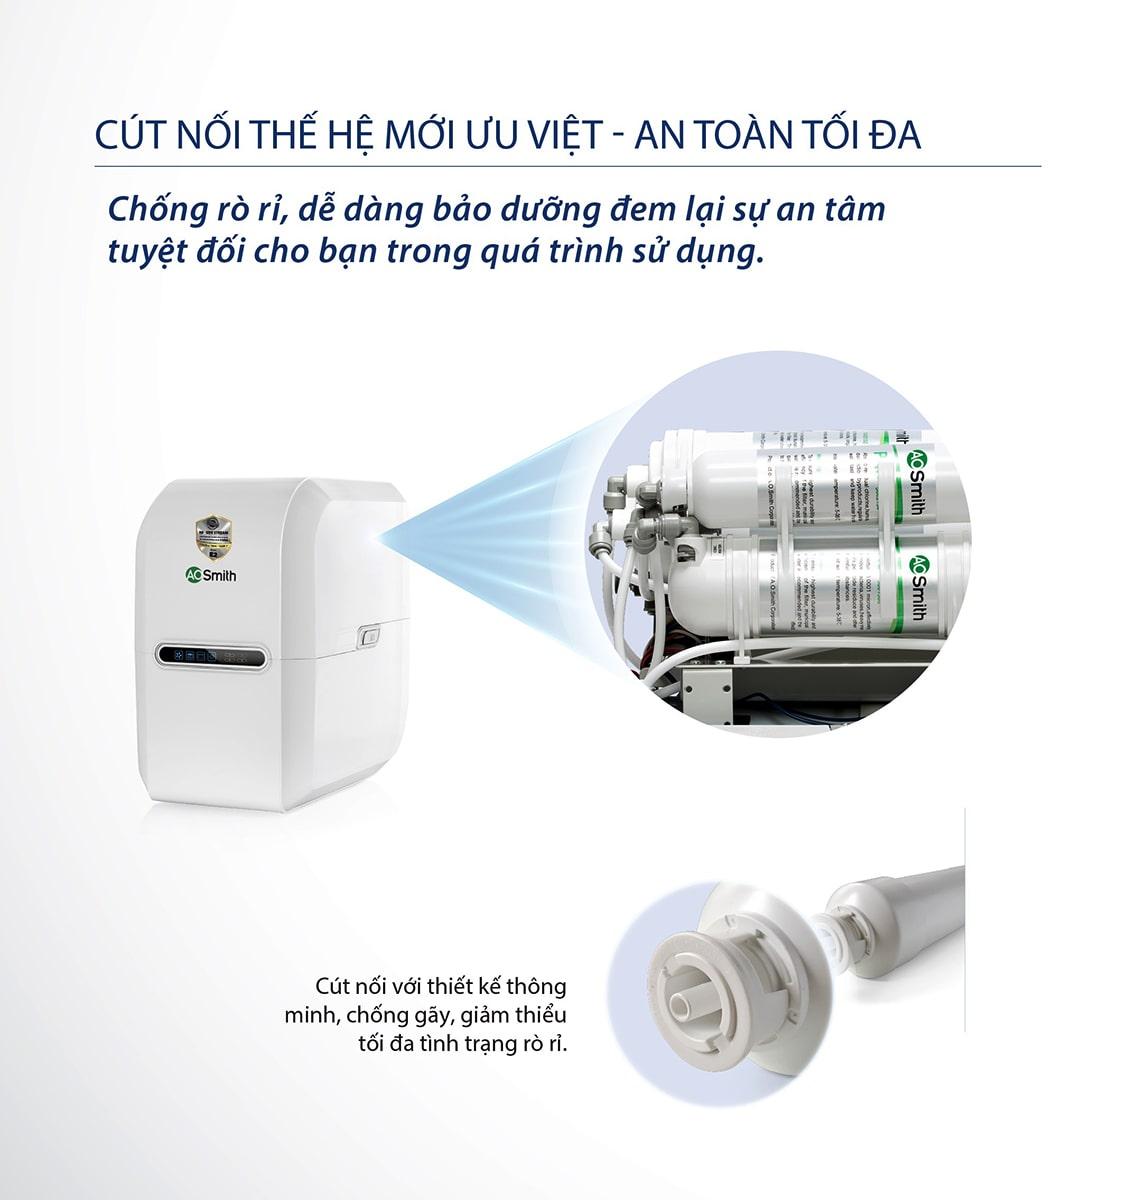 Máy lọc nước Ao Smith E2 có chức năng chống rò rỉ